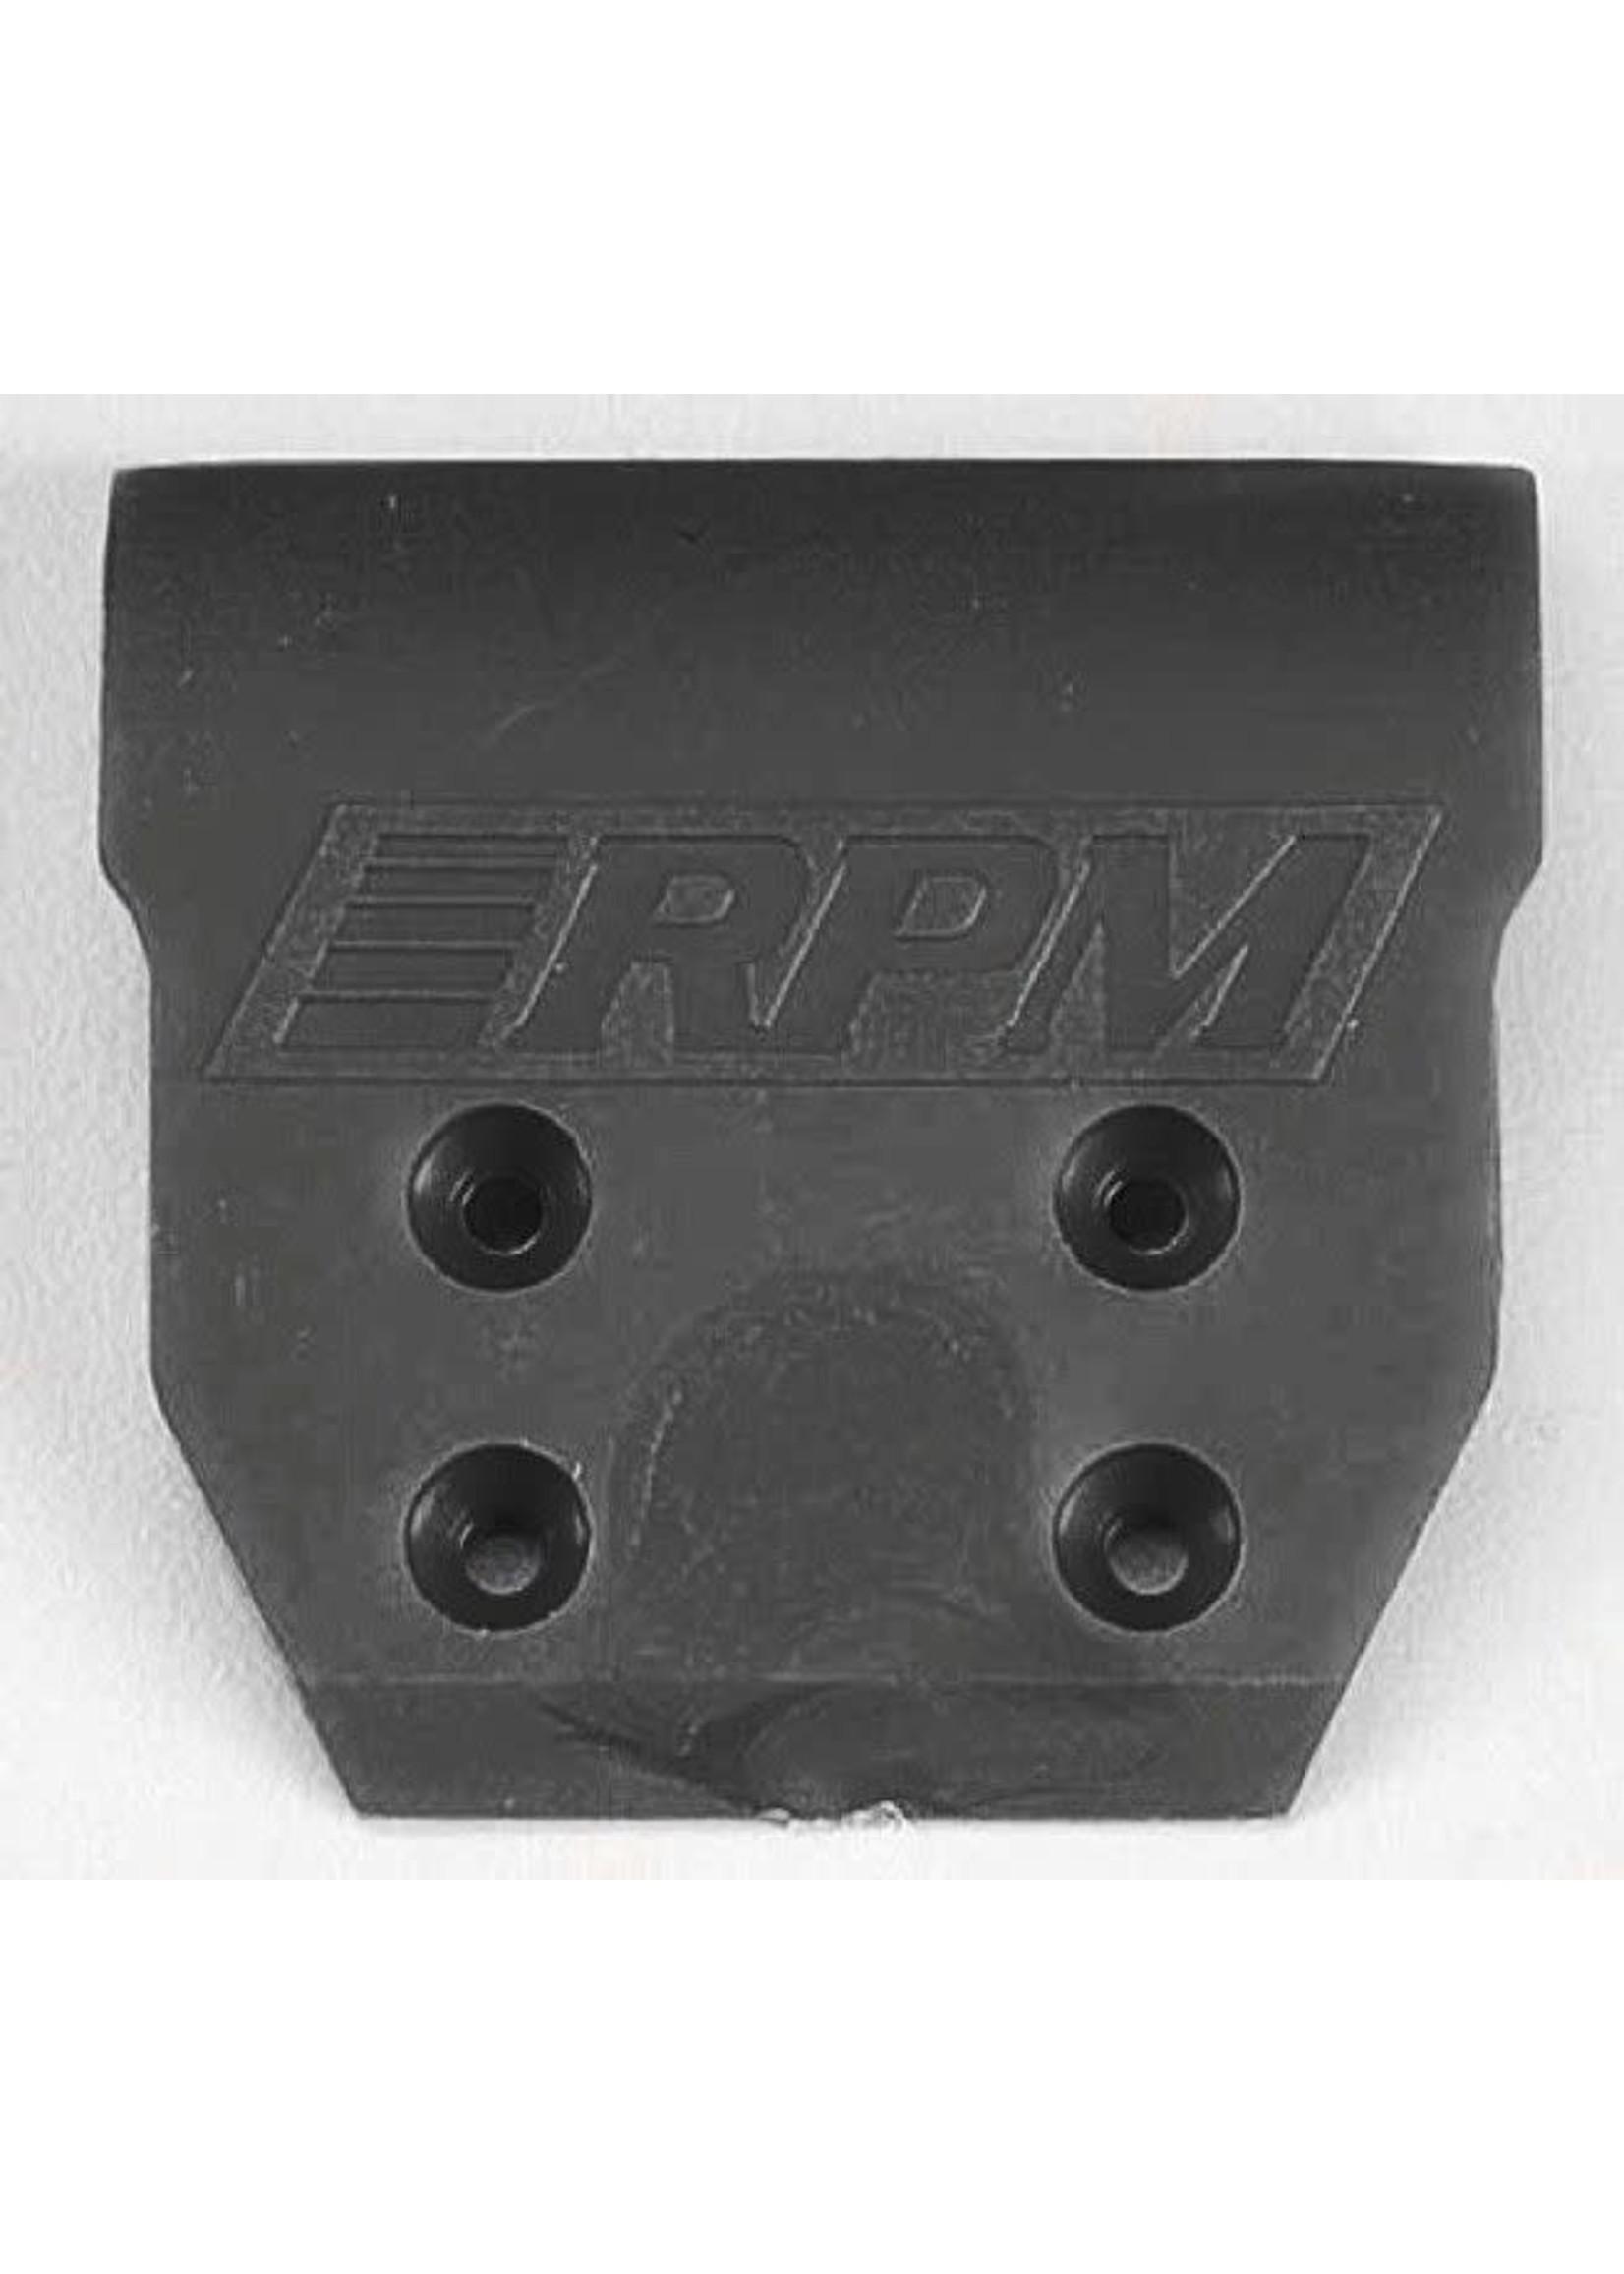 RPM RPM80232 RPM Front Bumper, for Associated B4/T4/GT2 & HPI Firestorm Mini, Black